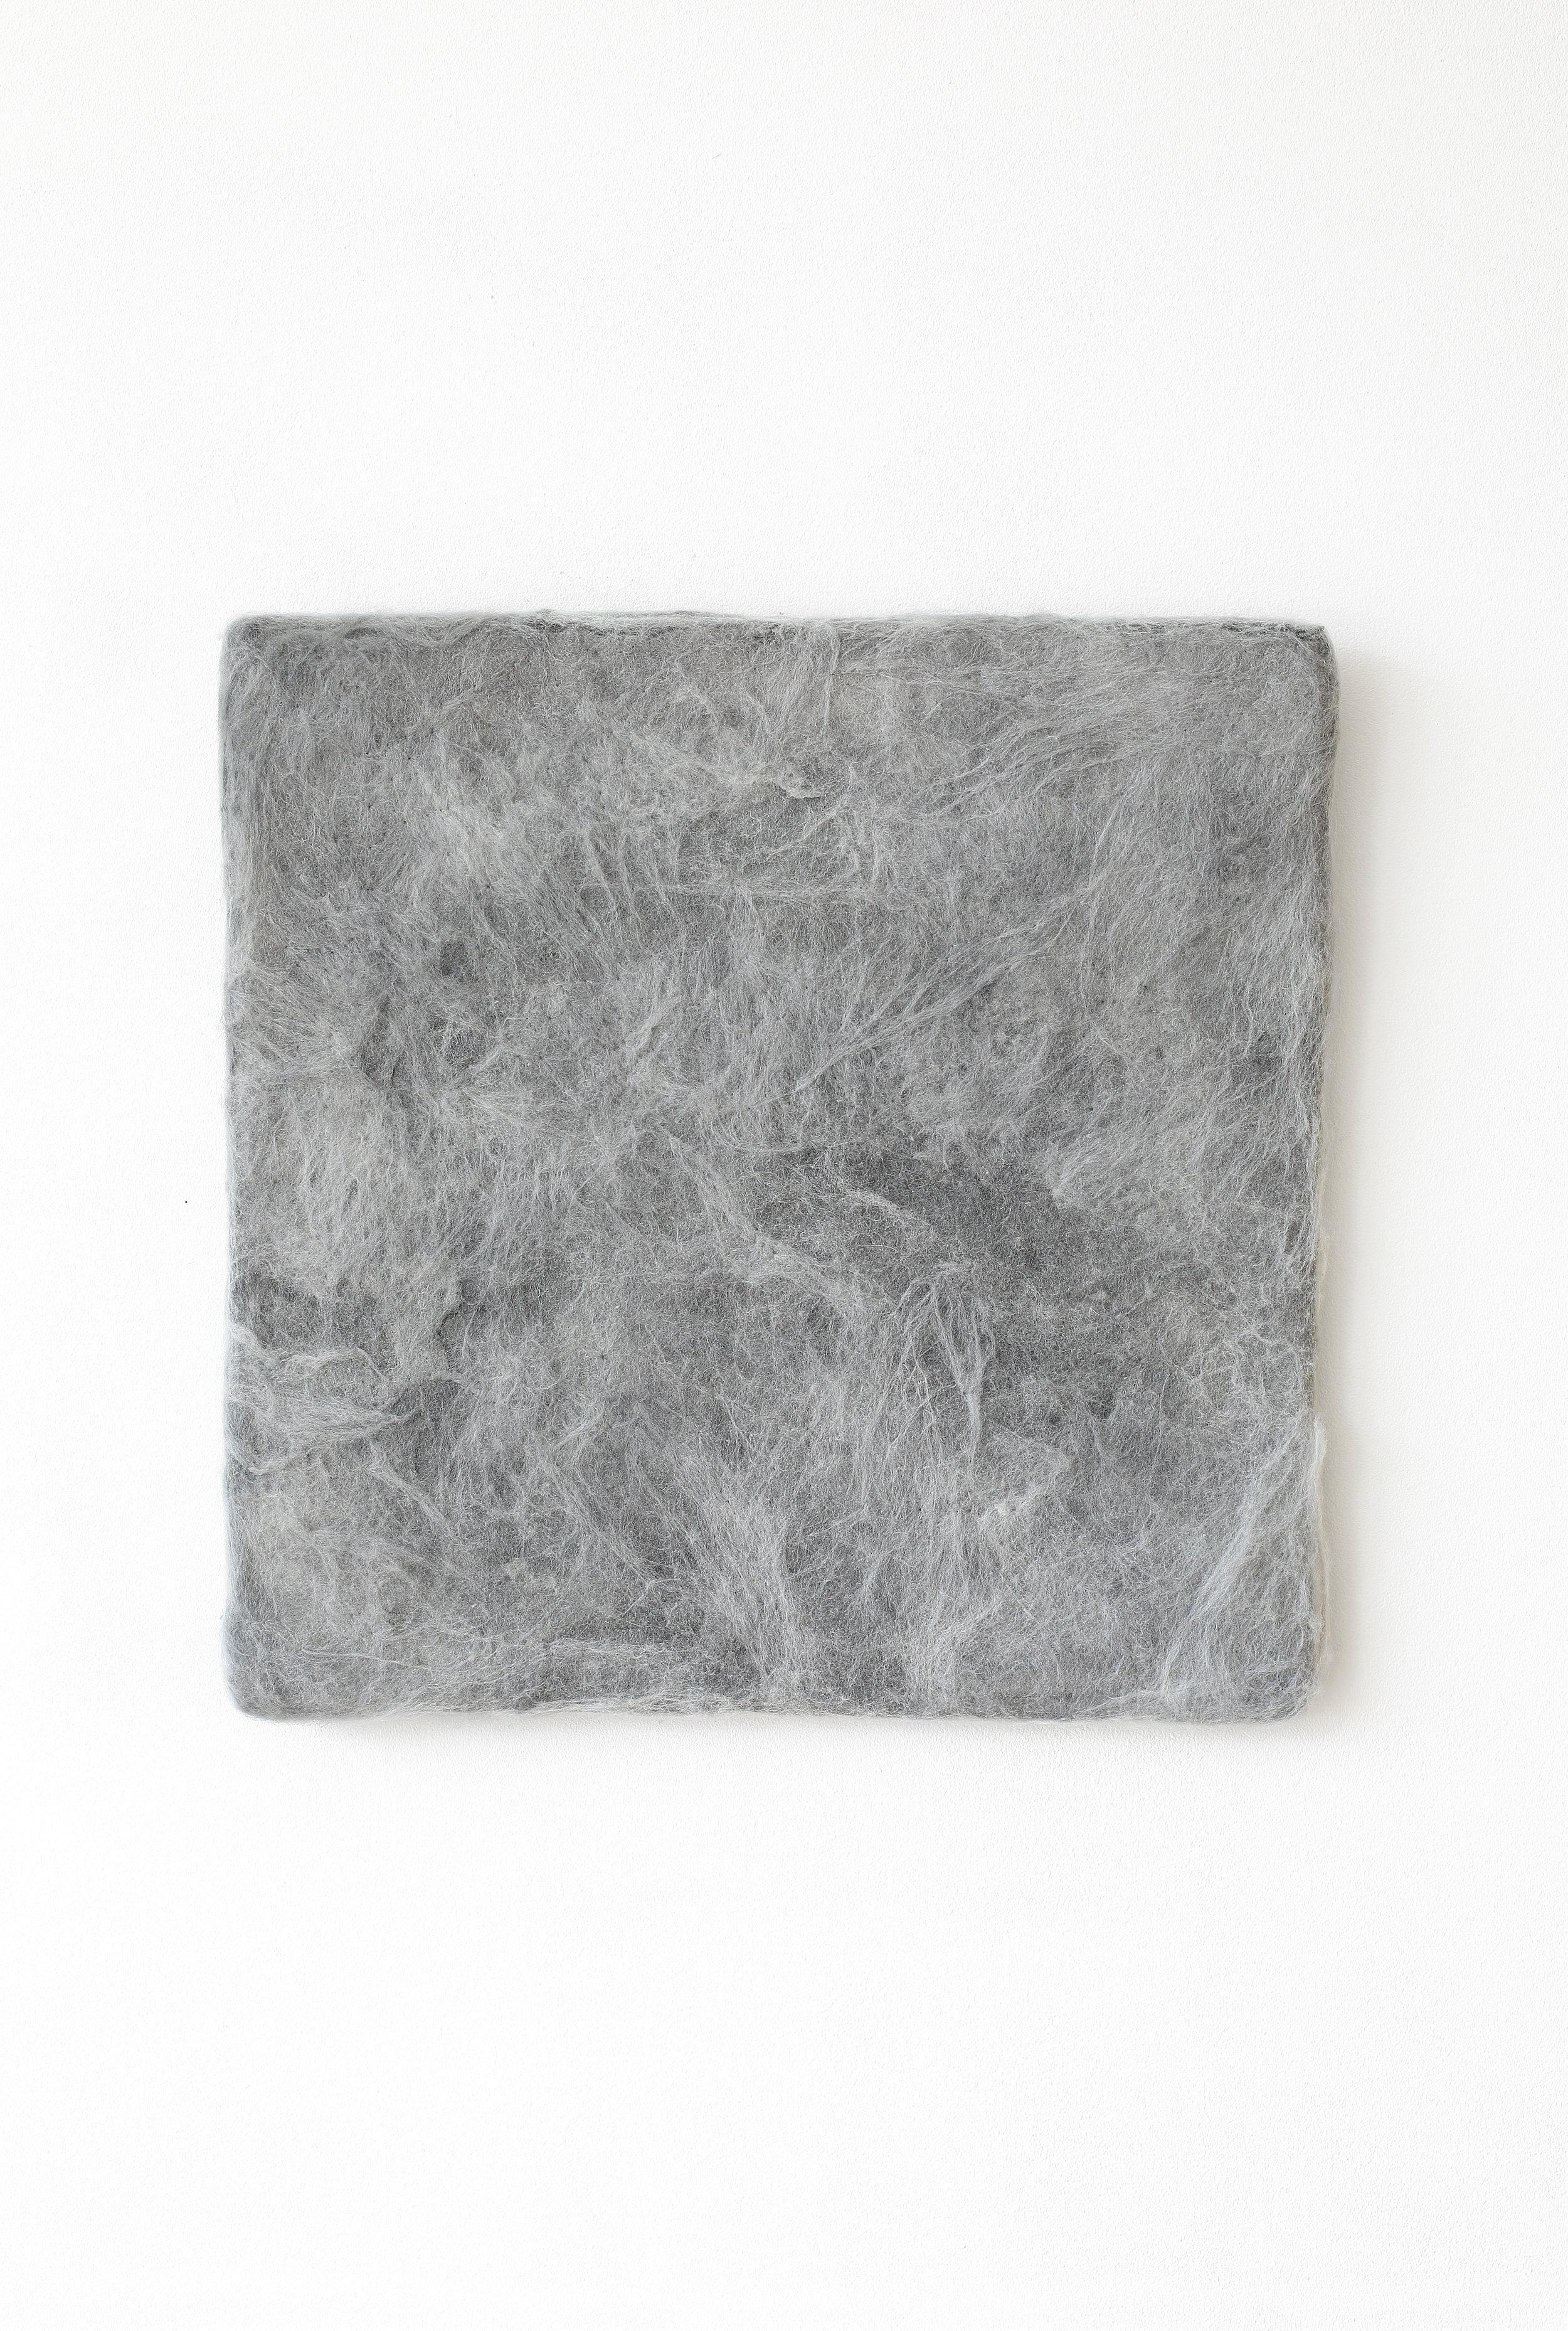 Manuela Garcia ,  Grey Felt , 2017,Wool, graphite and wood